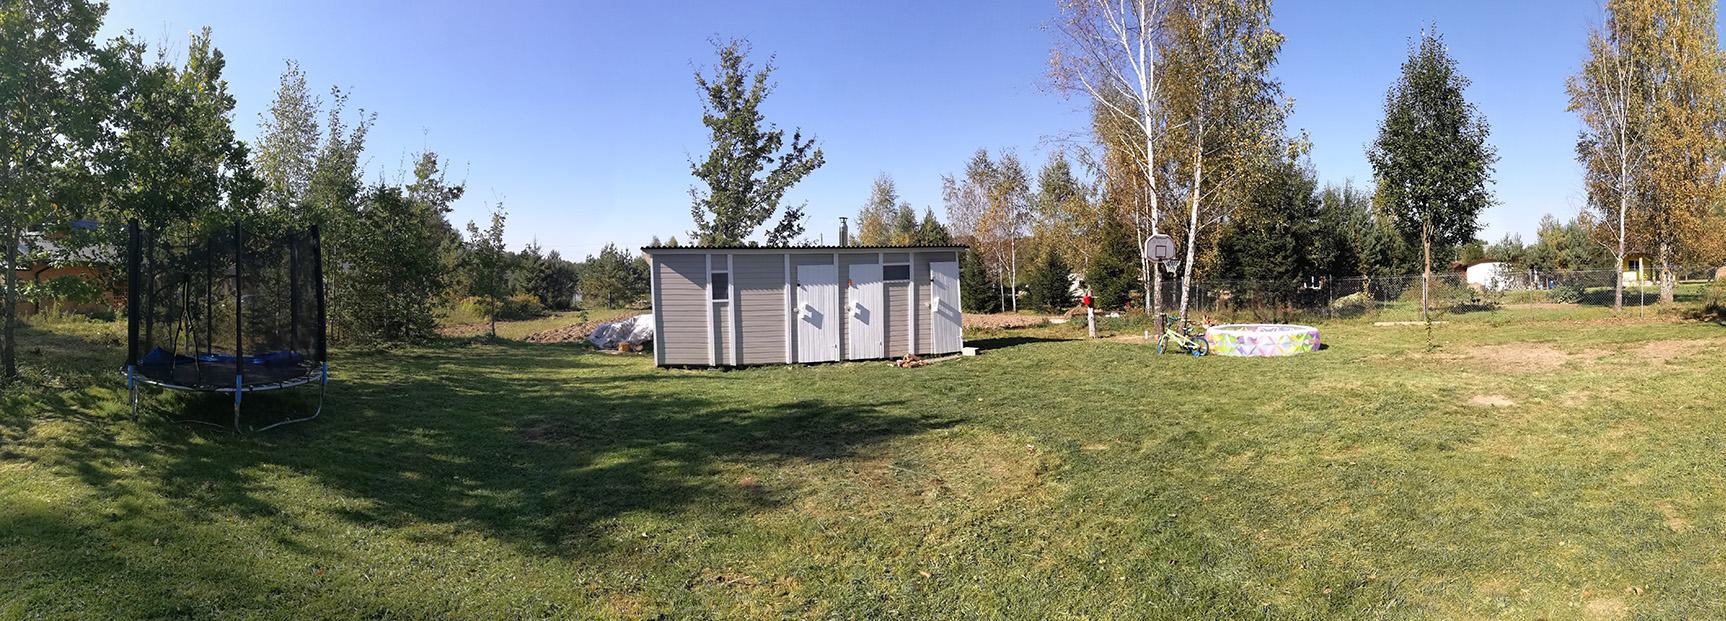 Сбежали из города. Семья построила мини-дом за 14 000$ и собирается в нем зимовать